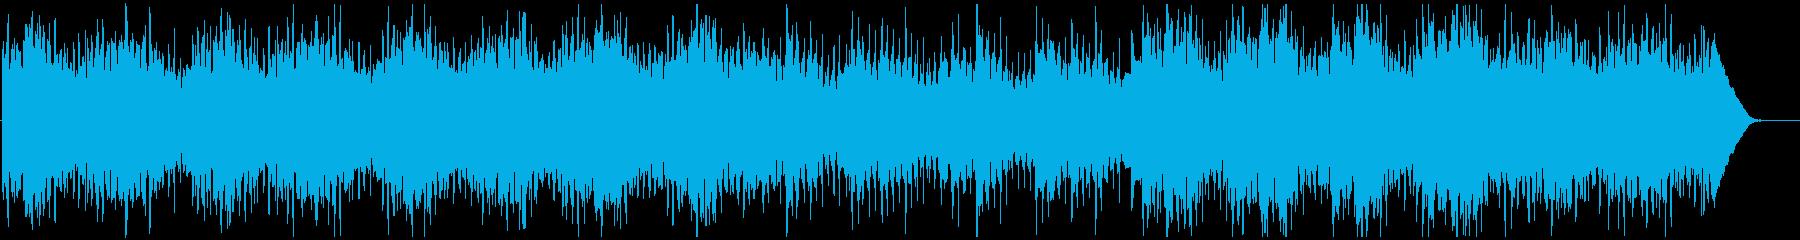 新しい ポップ 実験的 ポジティブ...の再生済みの波形